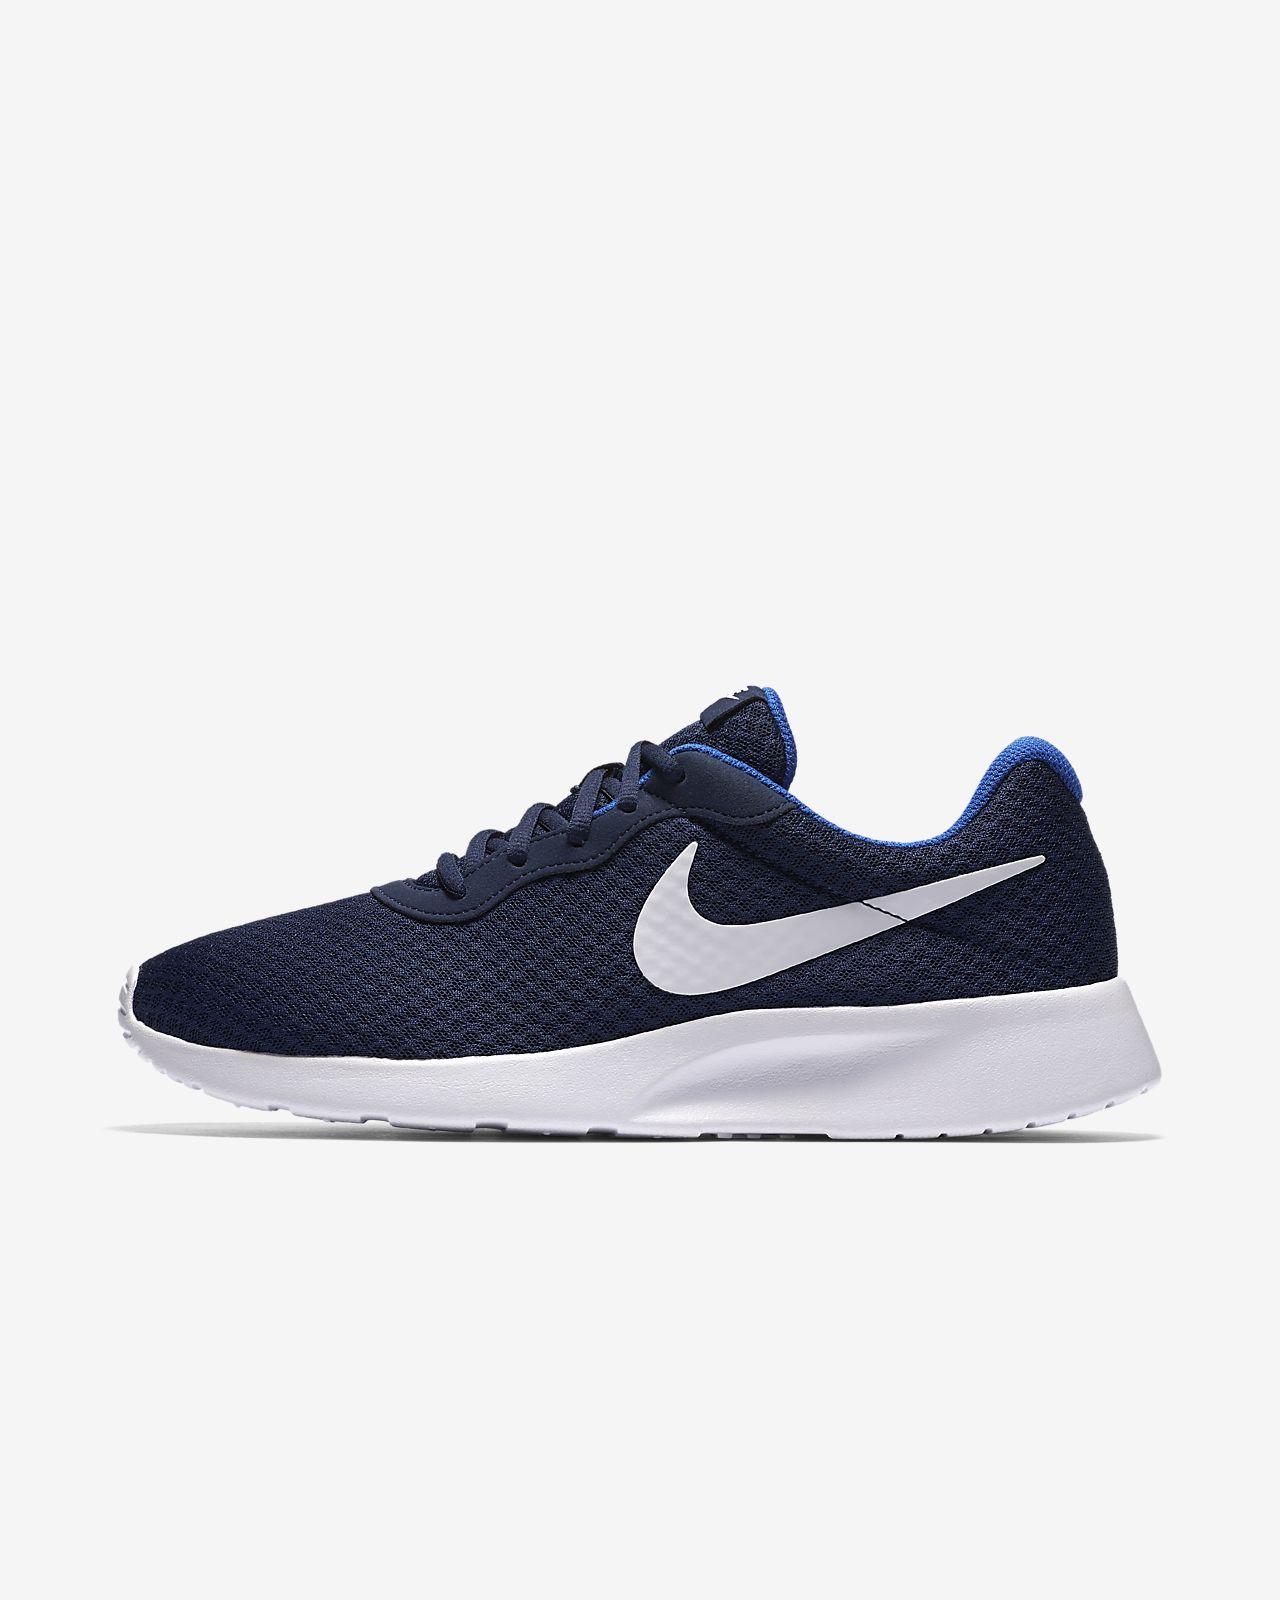 รองเท้าผู้ชาย Nike Tanjun